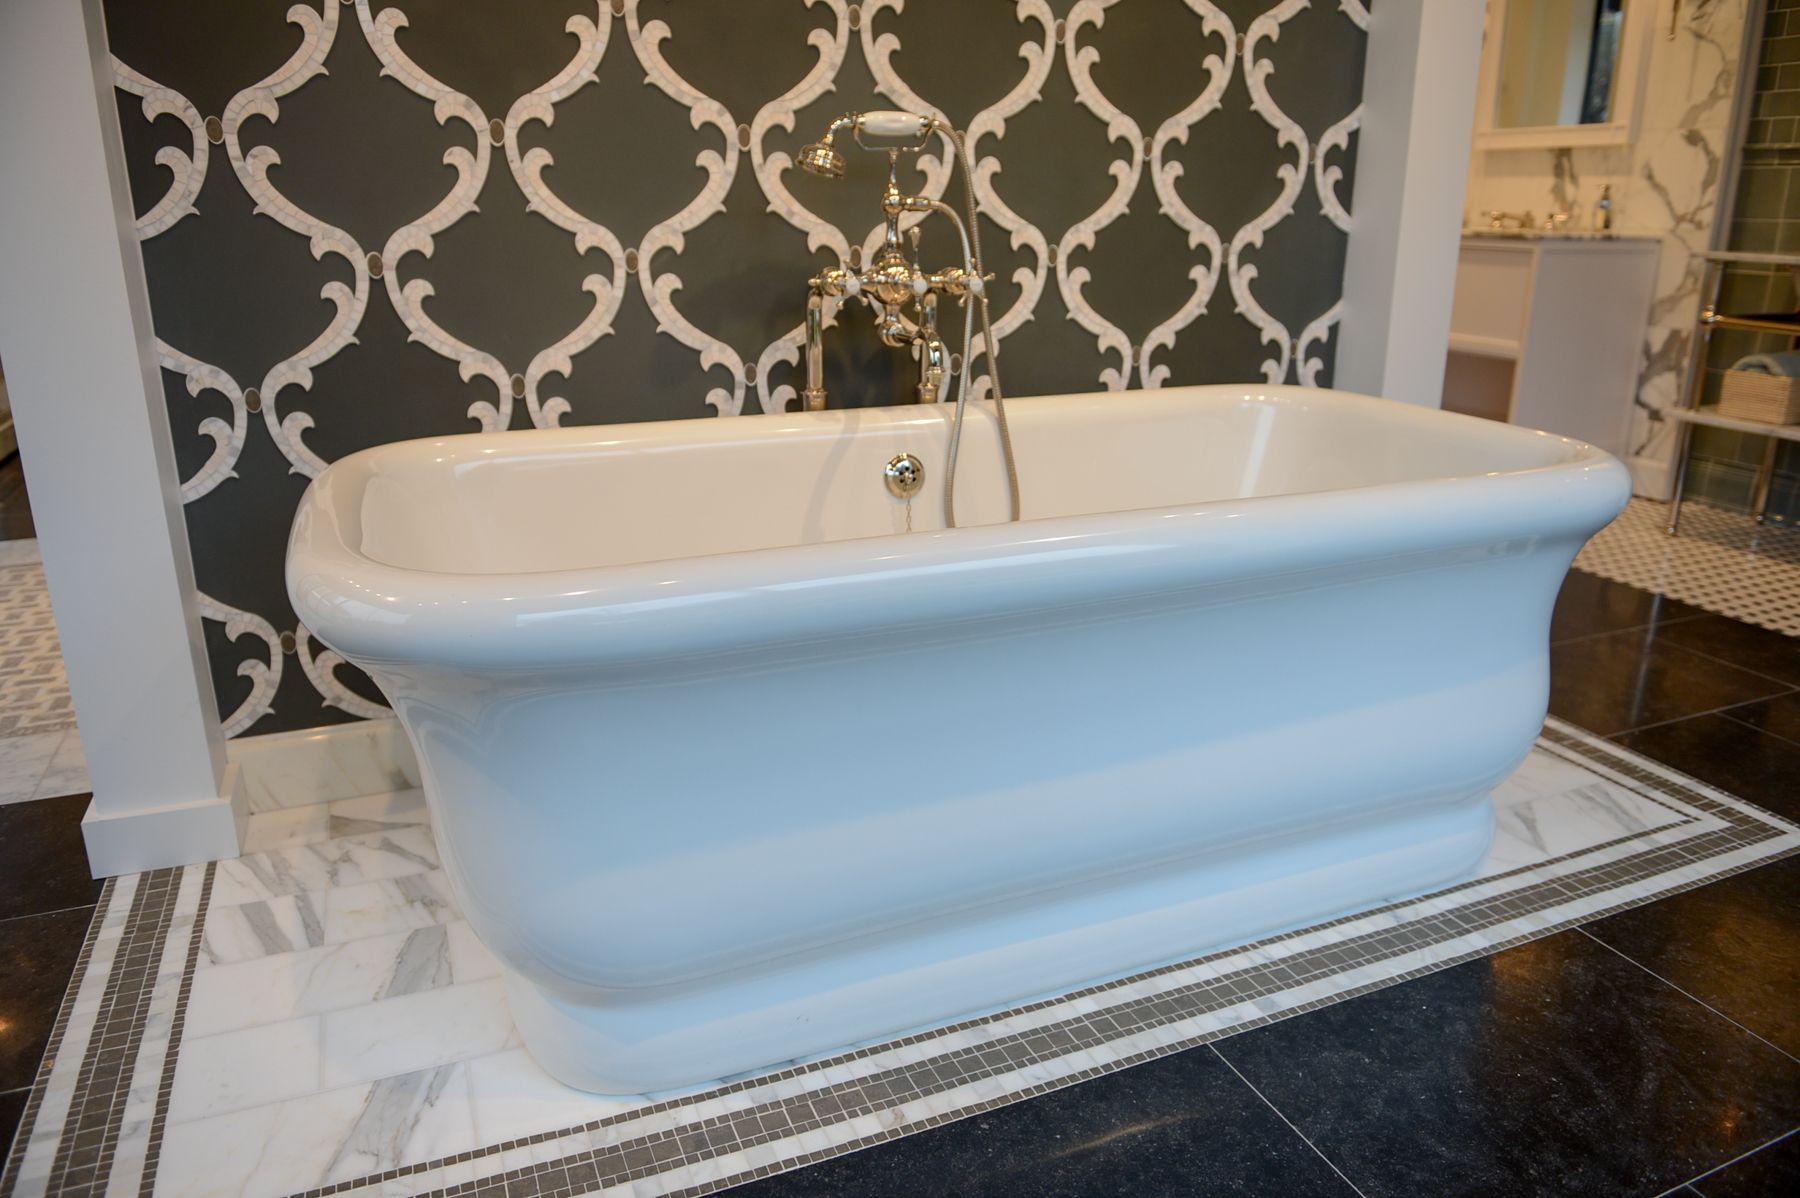 Empire Tub in the Dallas Showroom | Dallas Showroom | Pinterest ...